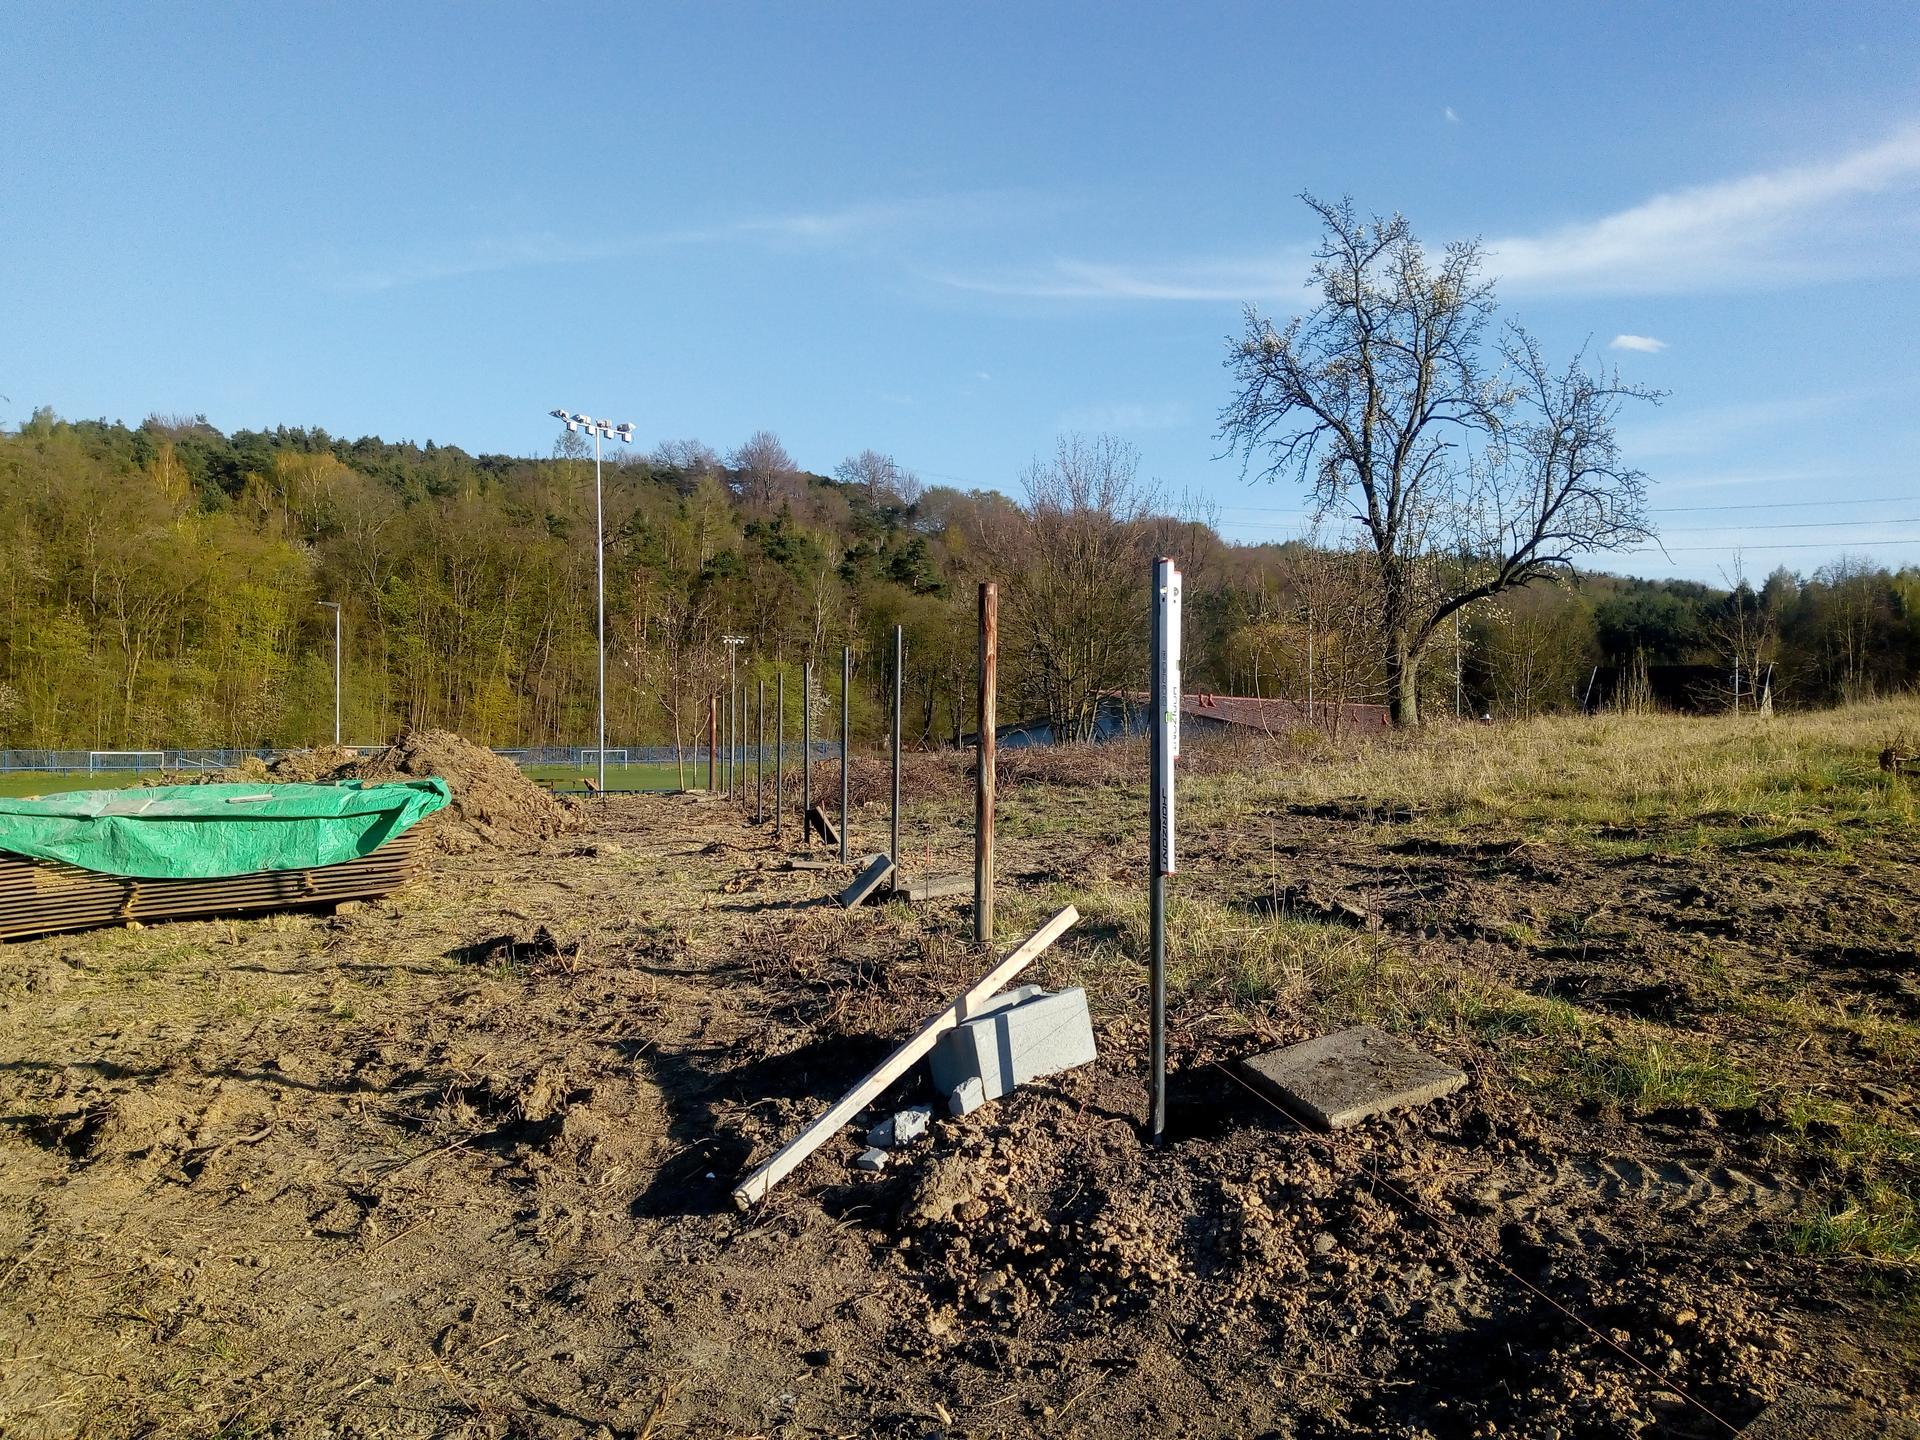 Příprava pozemku, bednění, základy, opěrka, bouda, plot - Obrázek č. 19